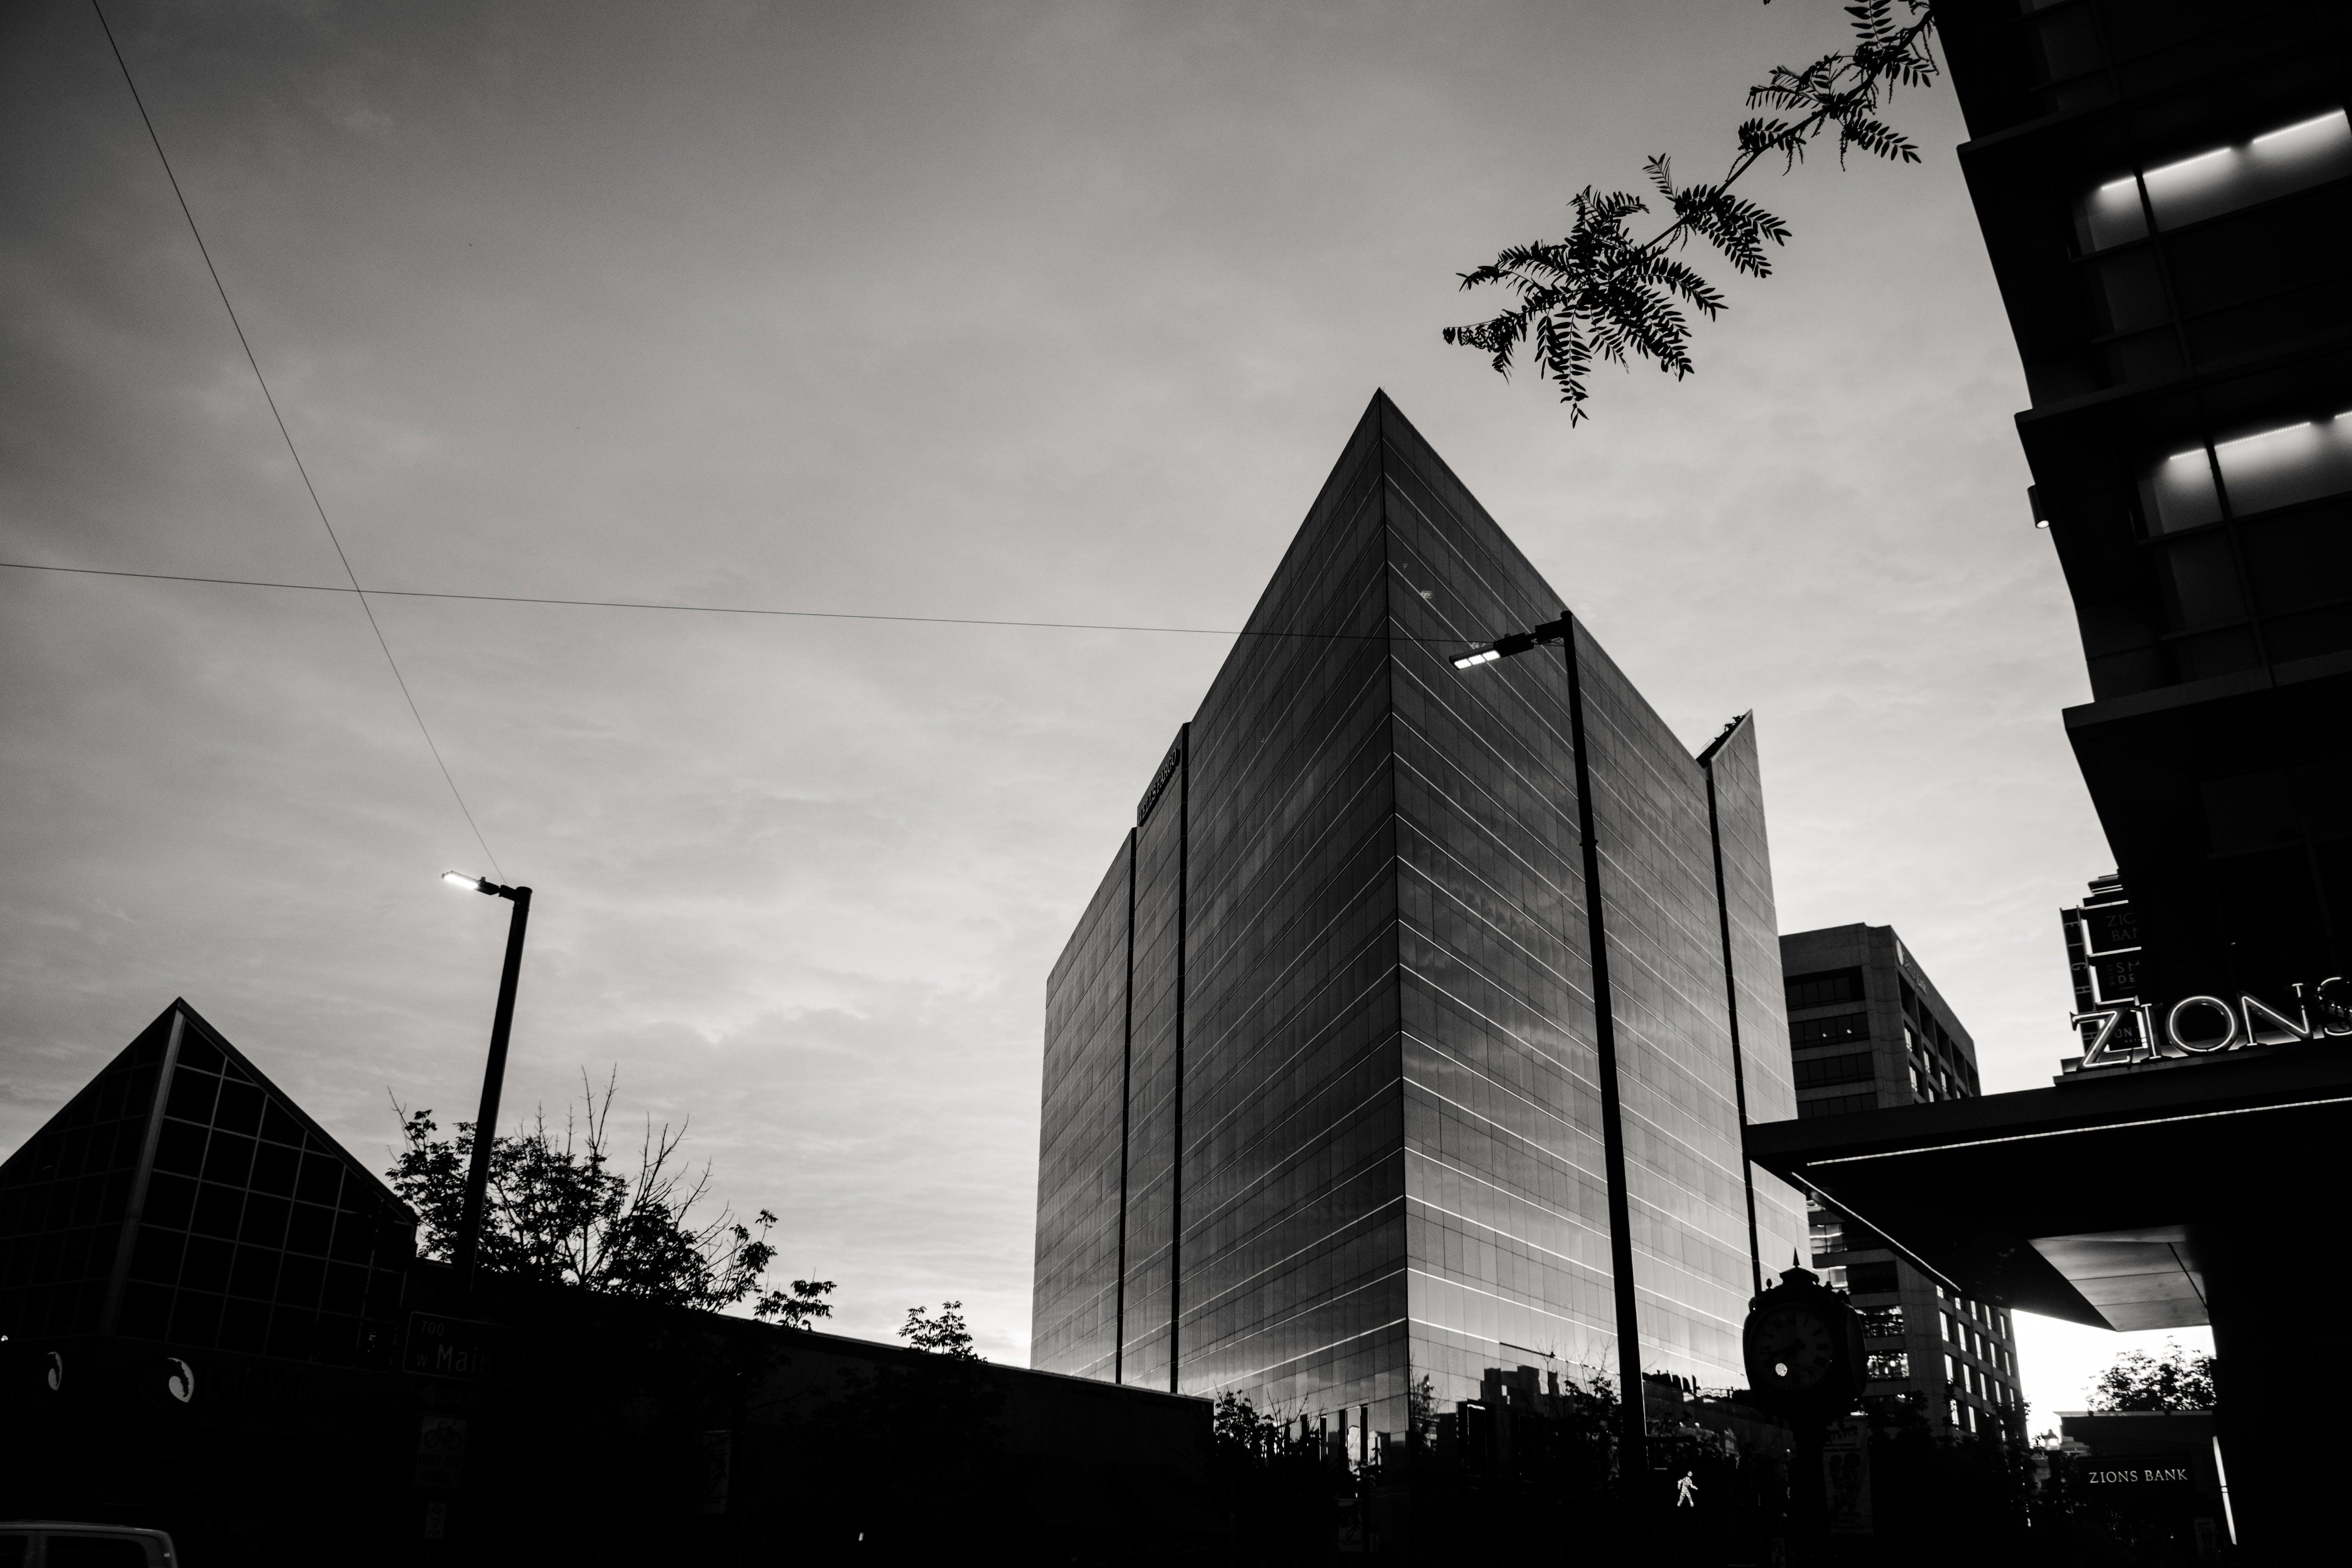 シティ, スカイライン, ダウンタウン, モダンの無料の写真素材